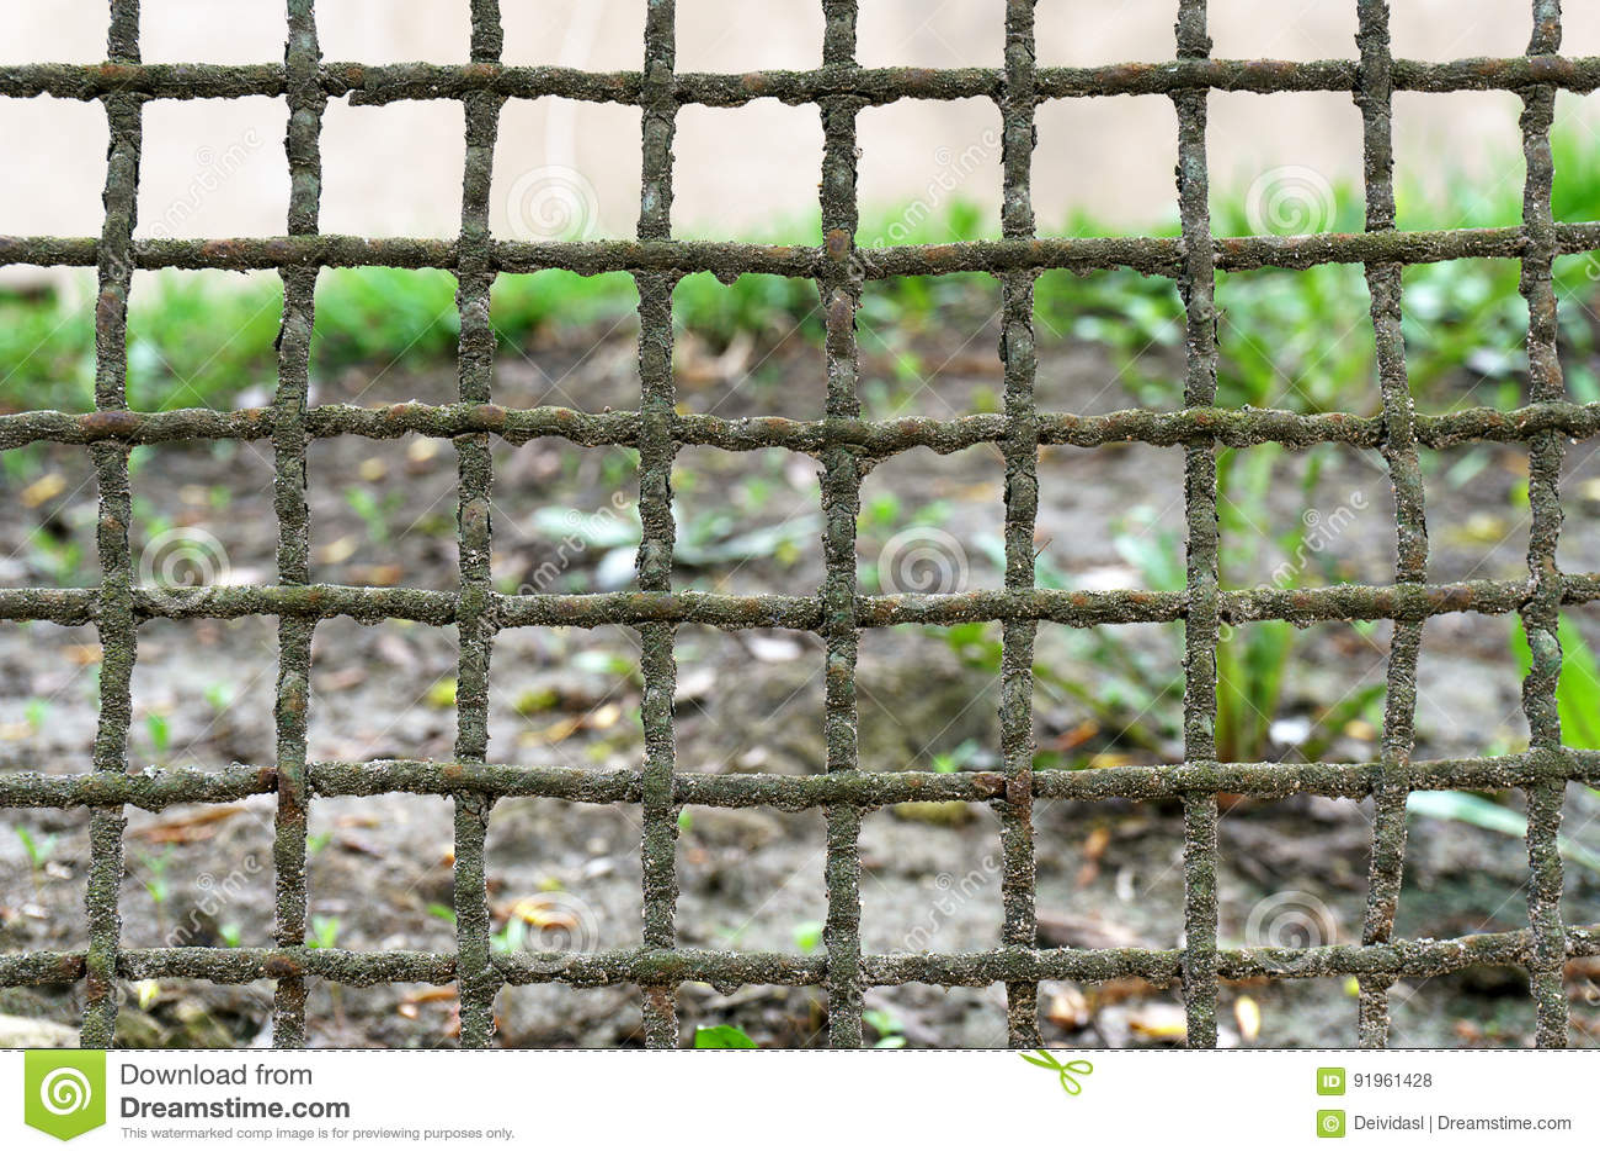 Entzückend Metallzäune Bilder Sammlung Von Pattern Alter Metallzaun Stockfoto. Bild Von Weinlese,